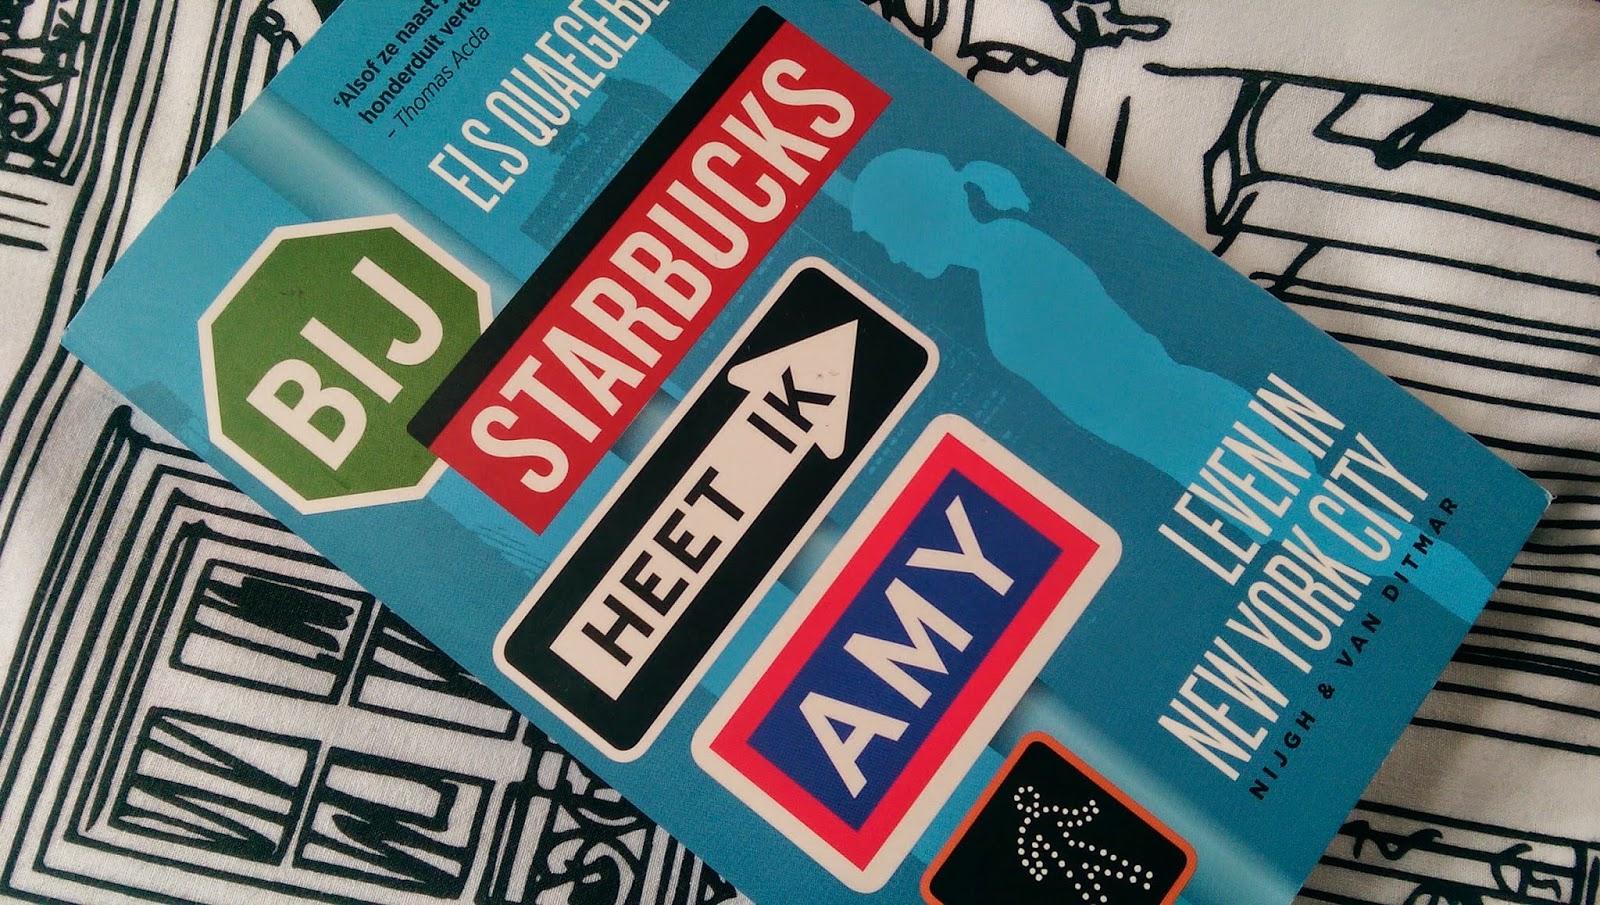 Els Quaegebeur - Bij Starbucks heet ik Amy (front)